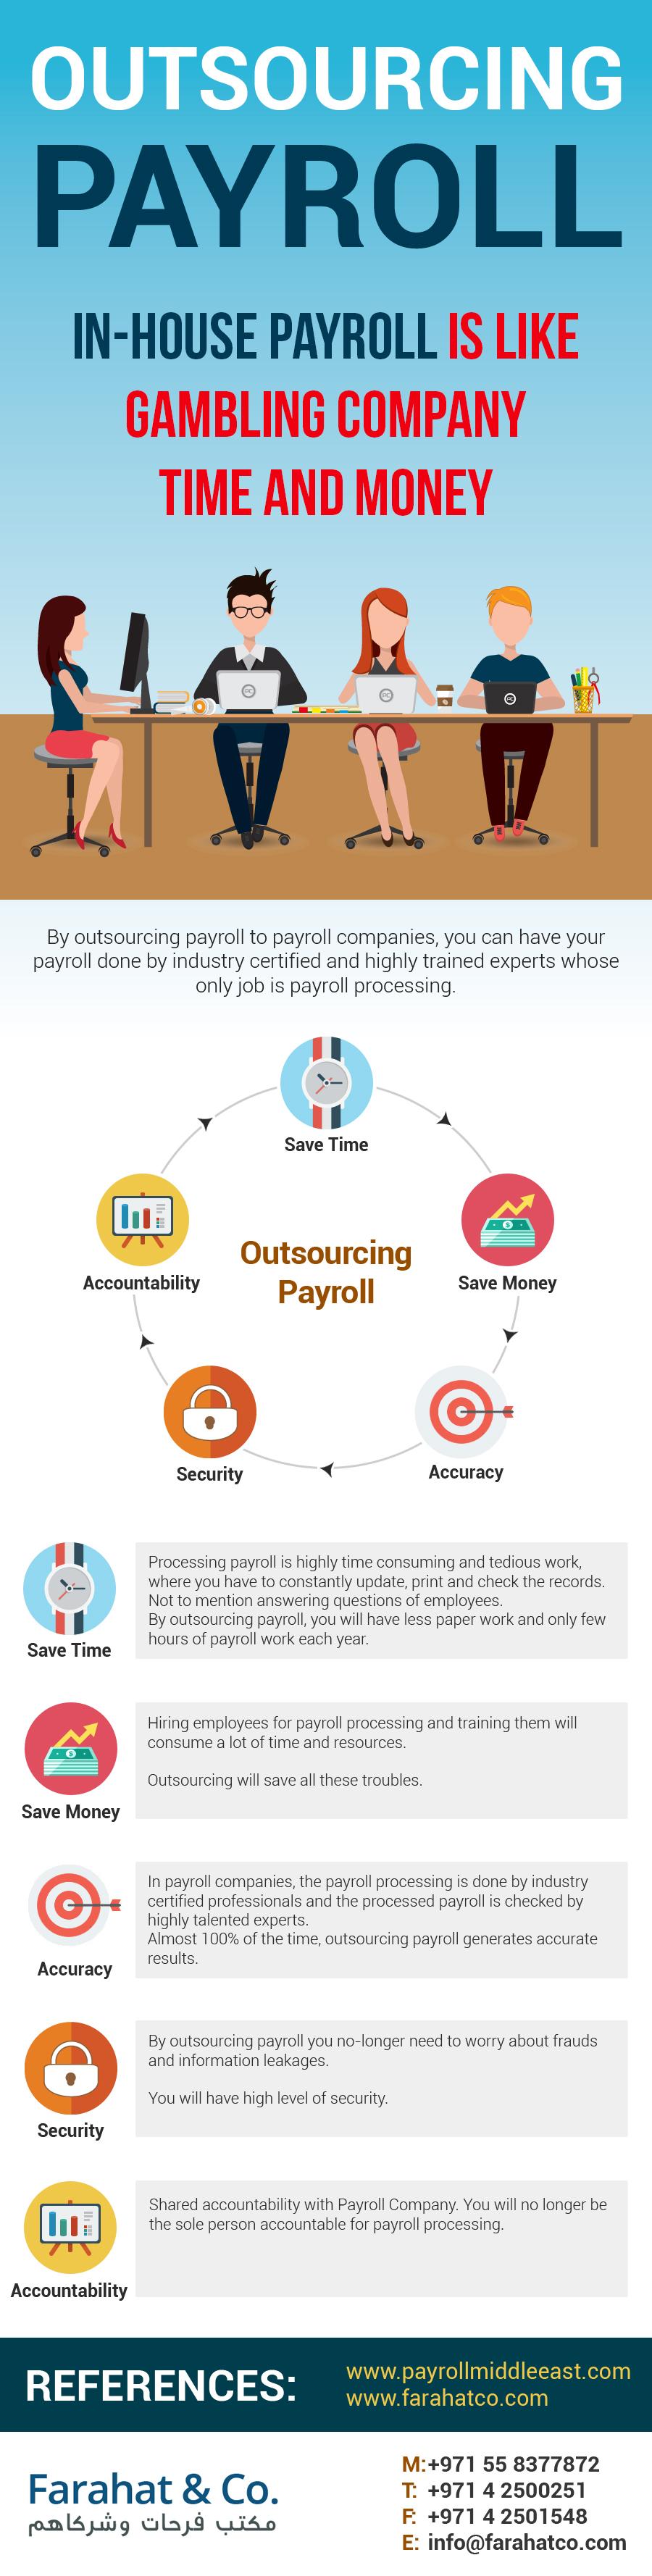 payroll services dubai